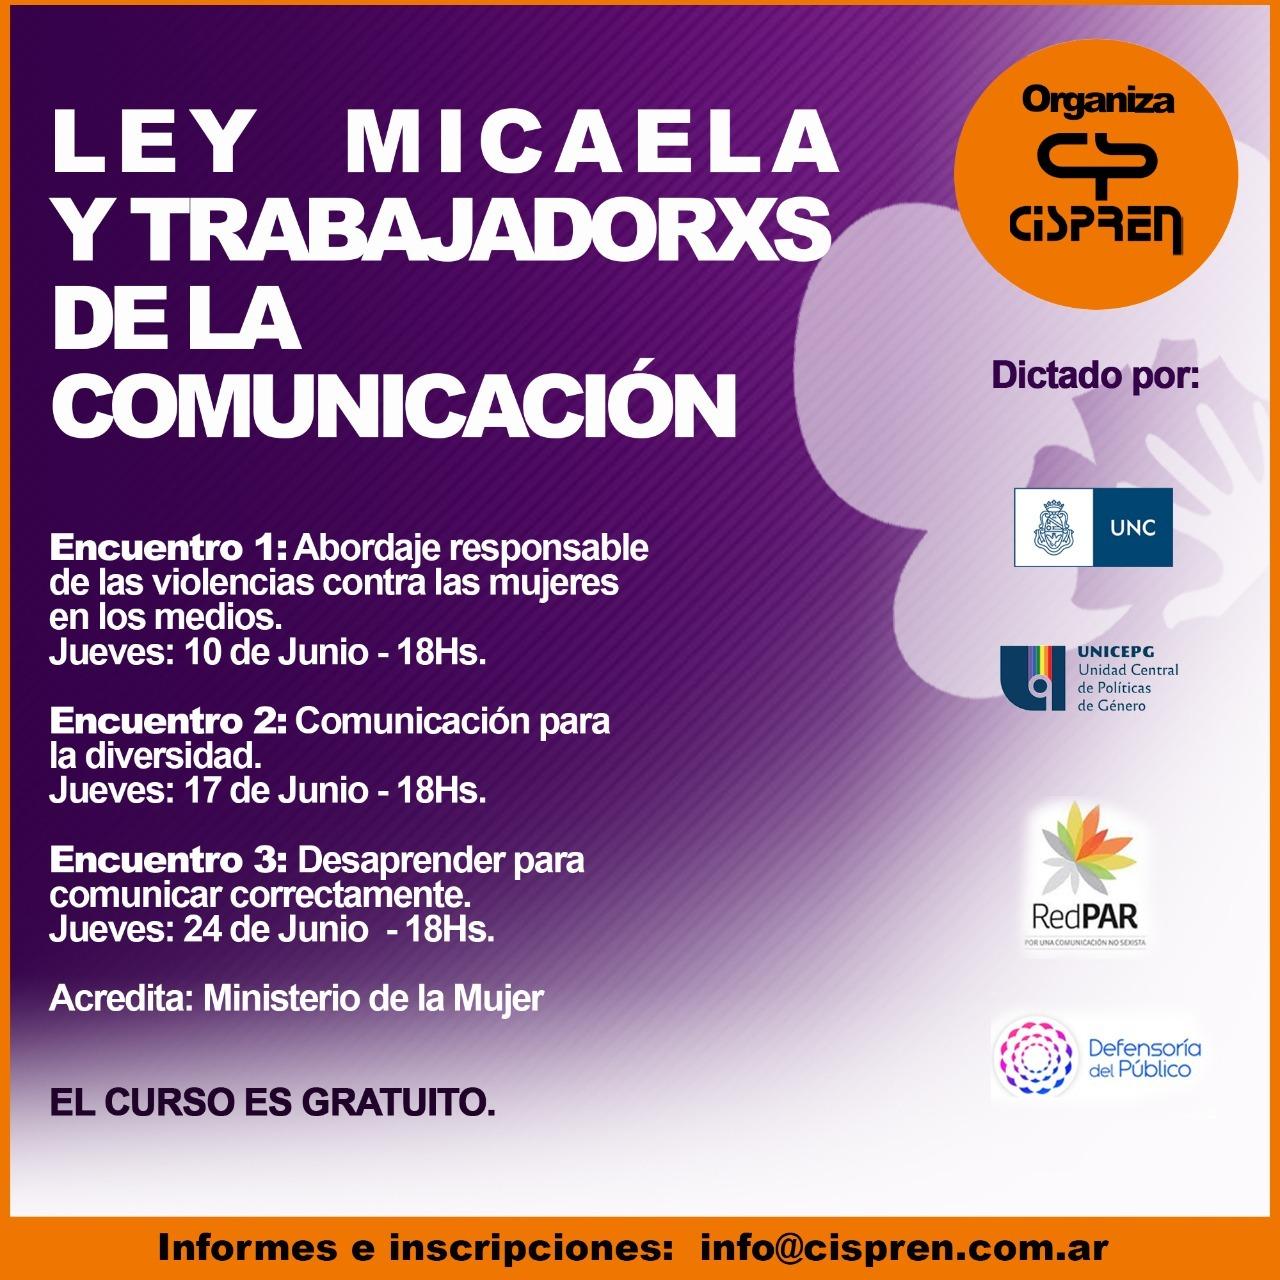 Ley Micaela y  trabajadorxs de la comunicación